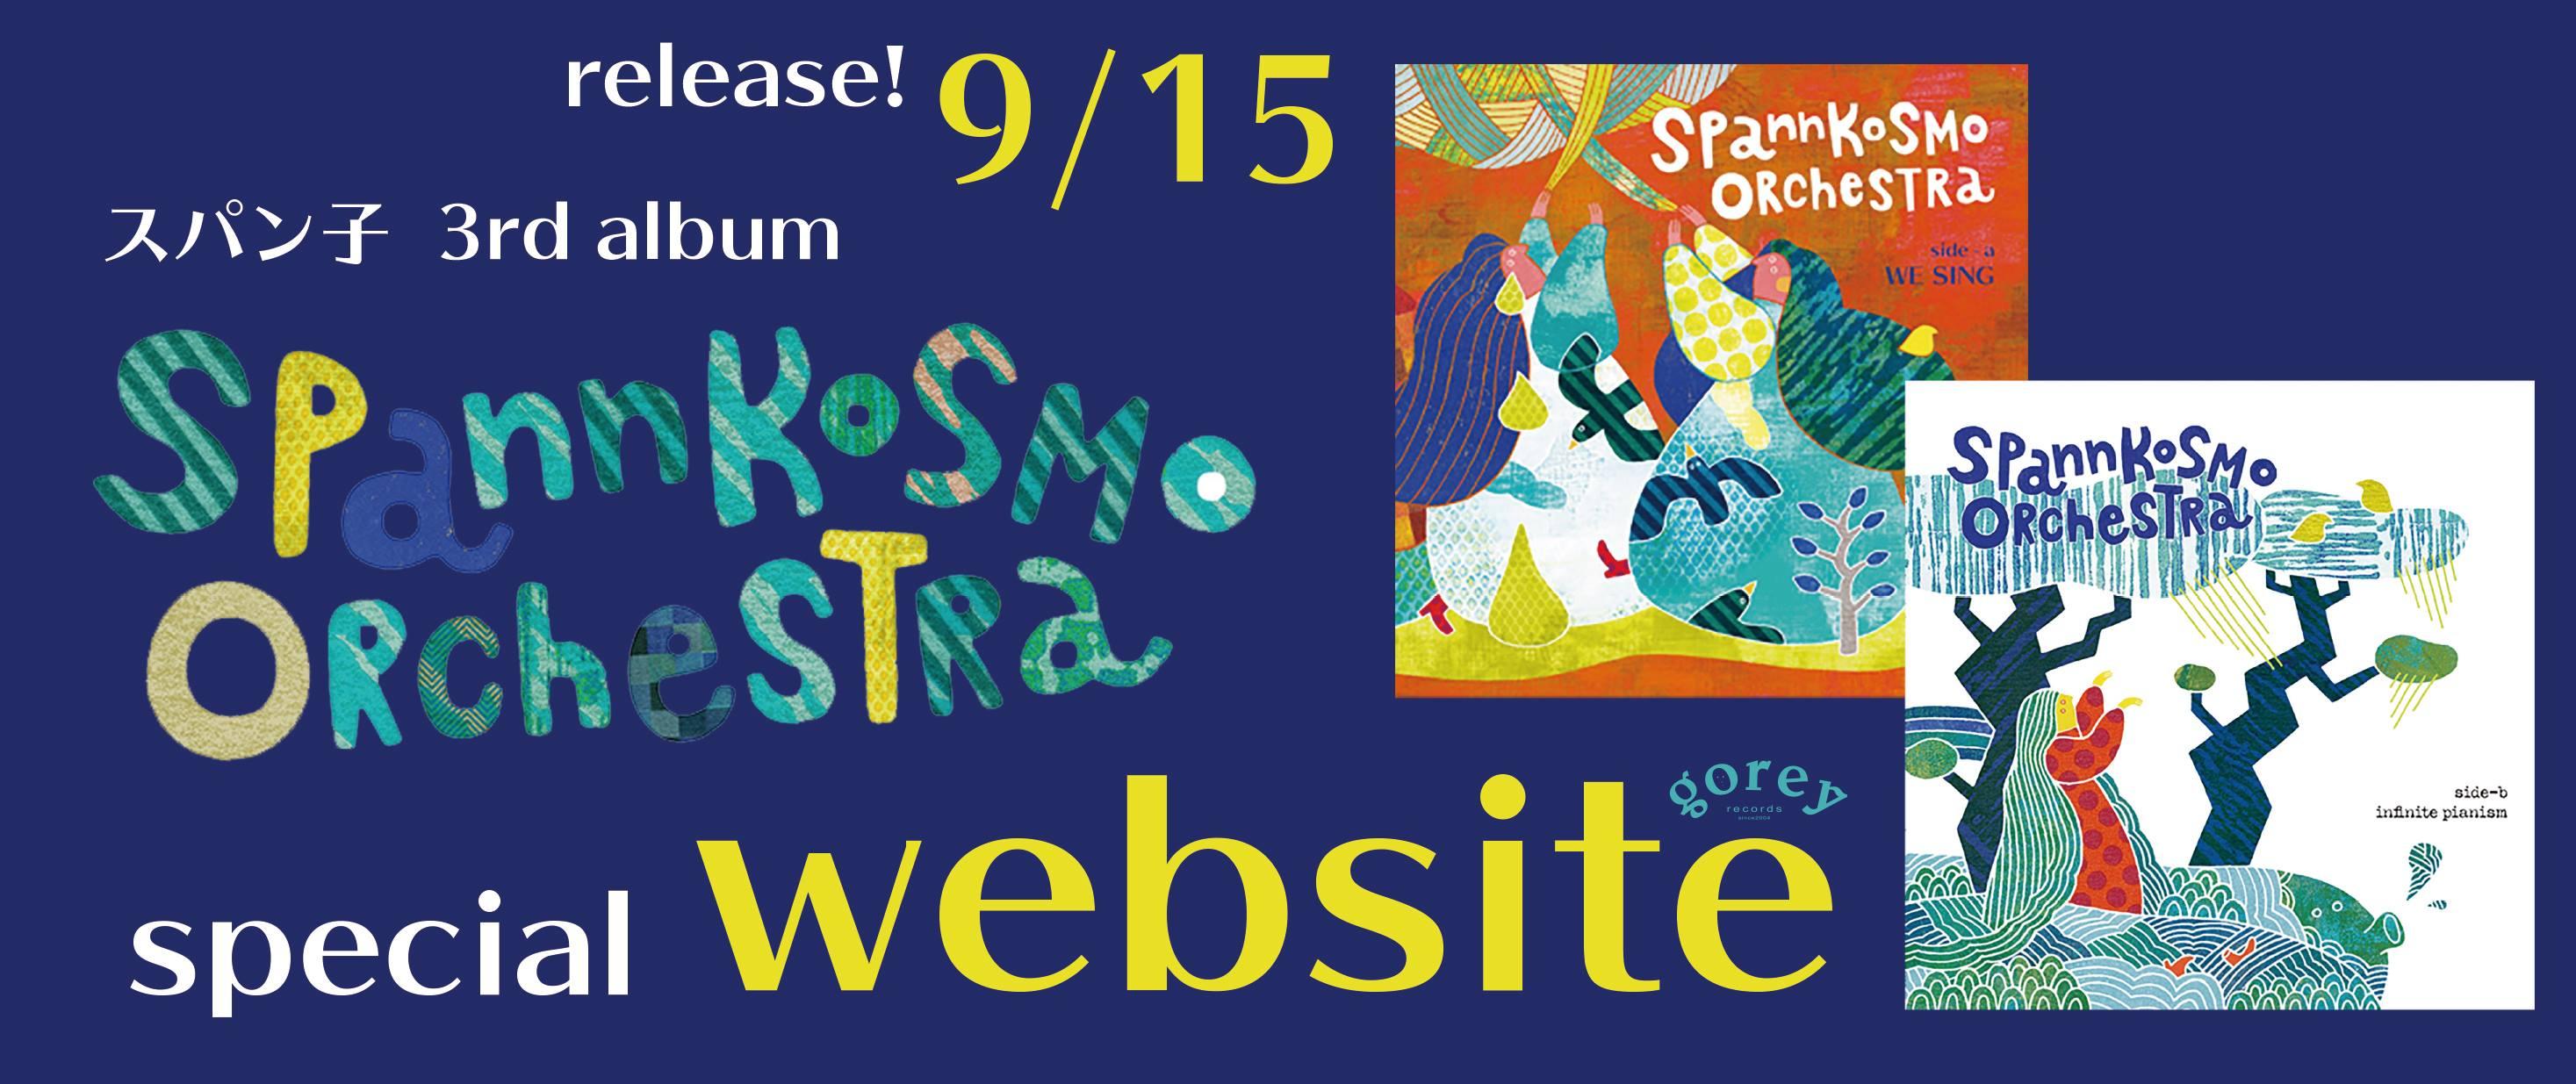 スパン子 3rd album 'spannkosmo-orchestra' 9/15 リリース!